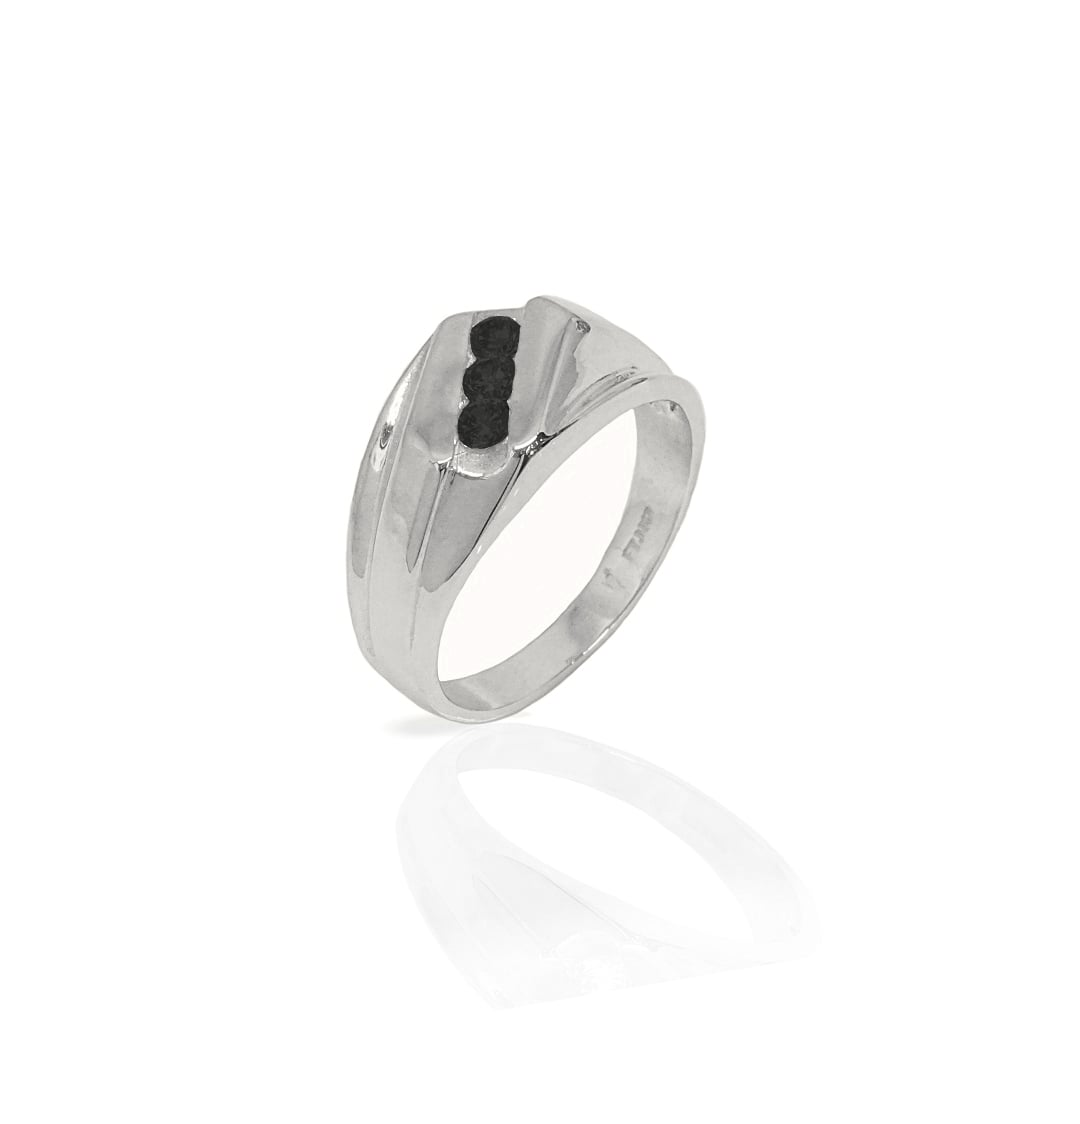 טבעת לגבר זהב   טבעת לגבר זהב לבן עם יהלומים שחורים